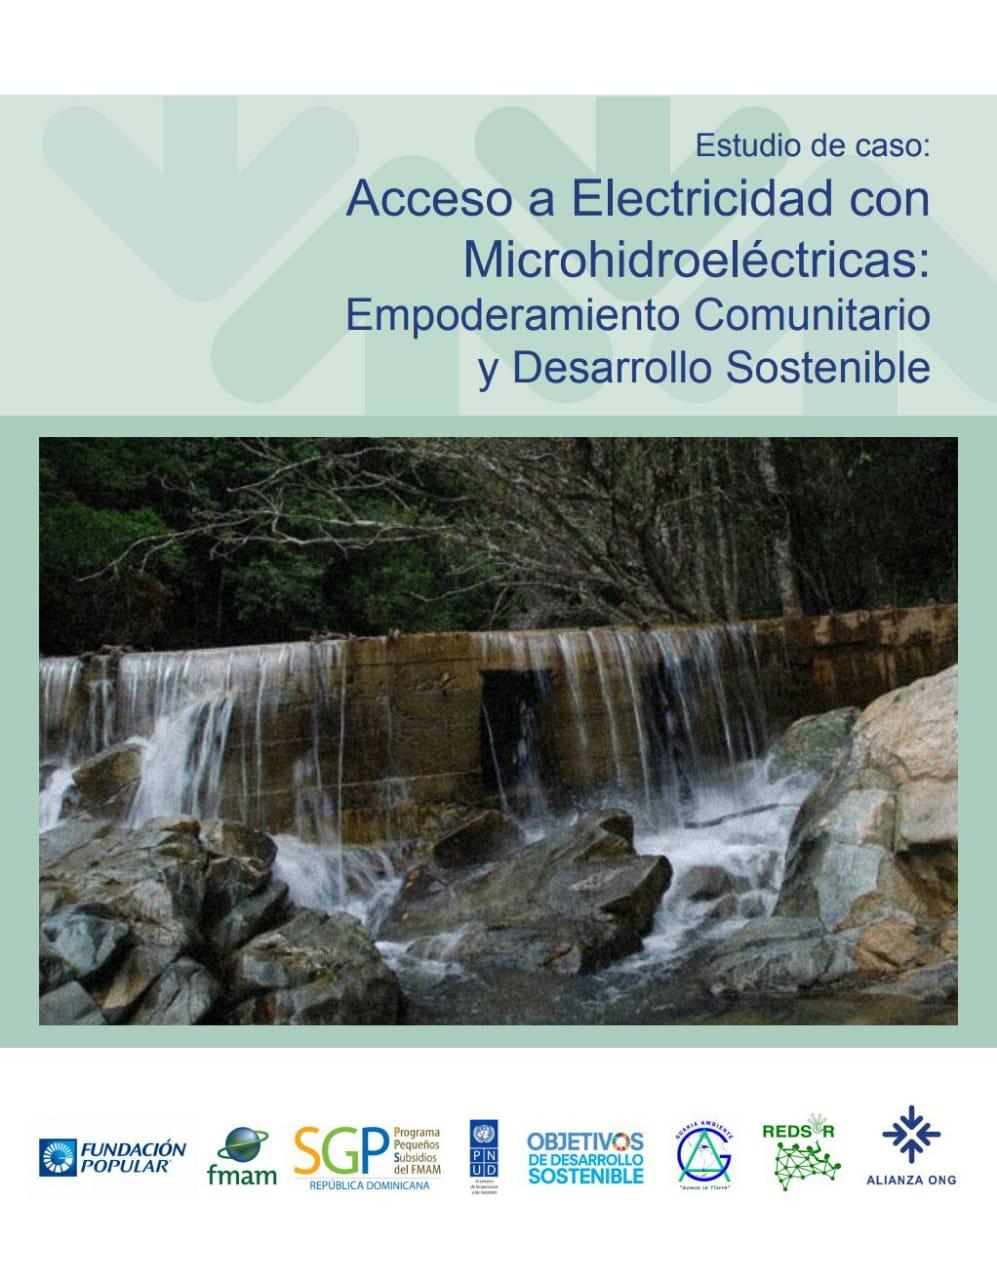 Estudio de caso: Acceso a Electricidad con Microhidroeléctricas: Empoderamiento Comunitario y Desarrollo Sostenible